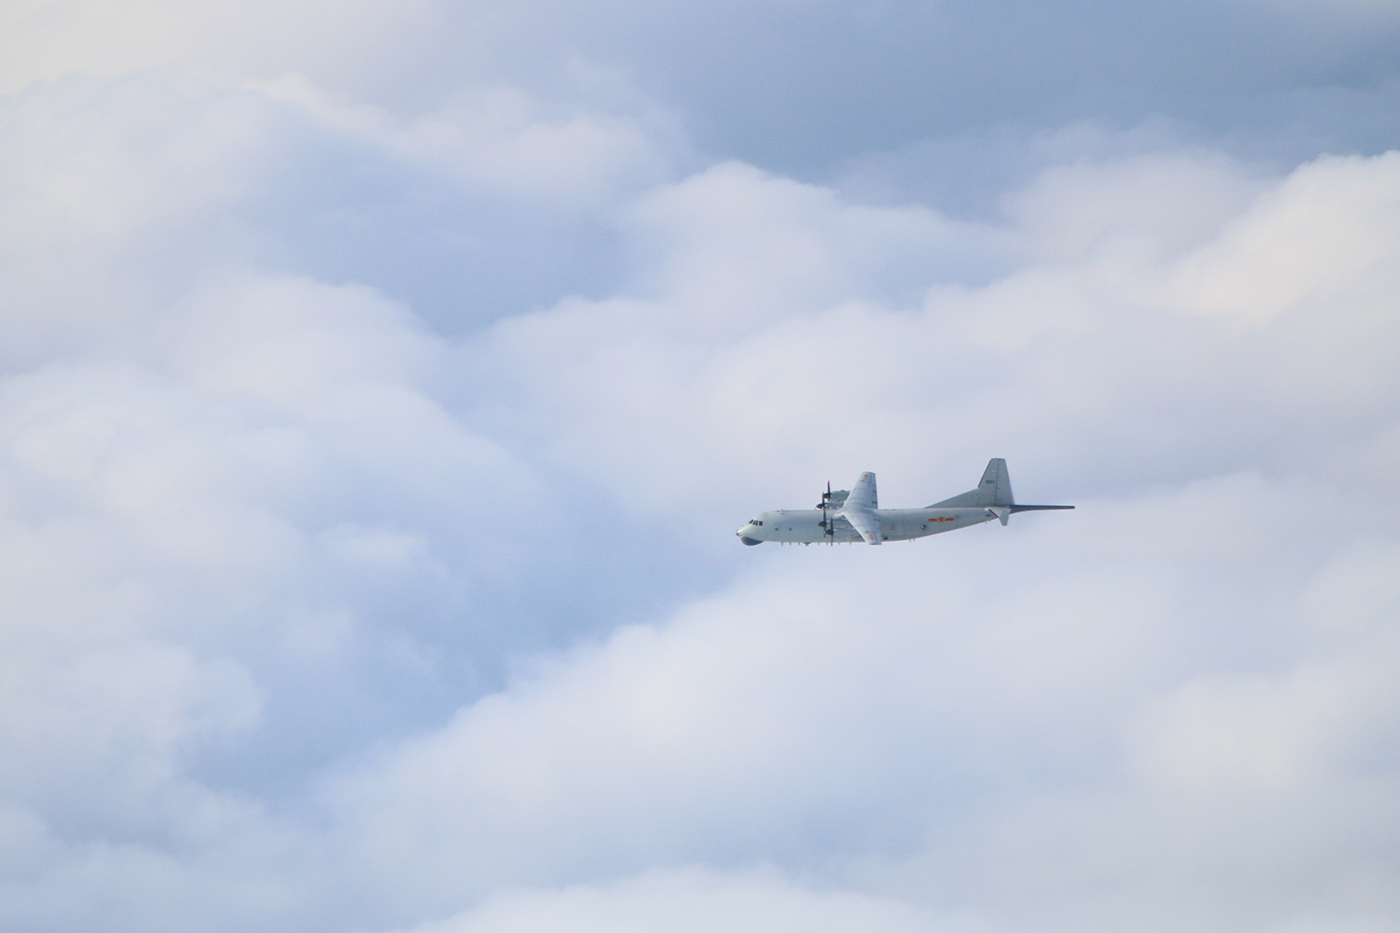 台灣空軍周一(4月5日)傍晚發佈中共軍機動態,10架共機侵擾台灣西南防空識別區(ADIZ),其中,運8機還飛抵台灣東南空域。(台灣國防部)